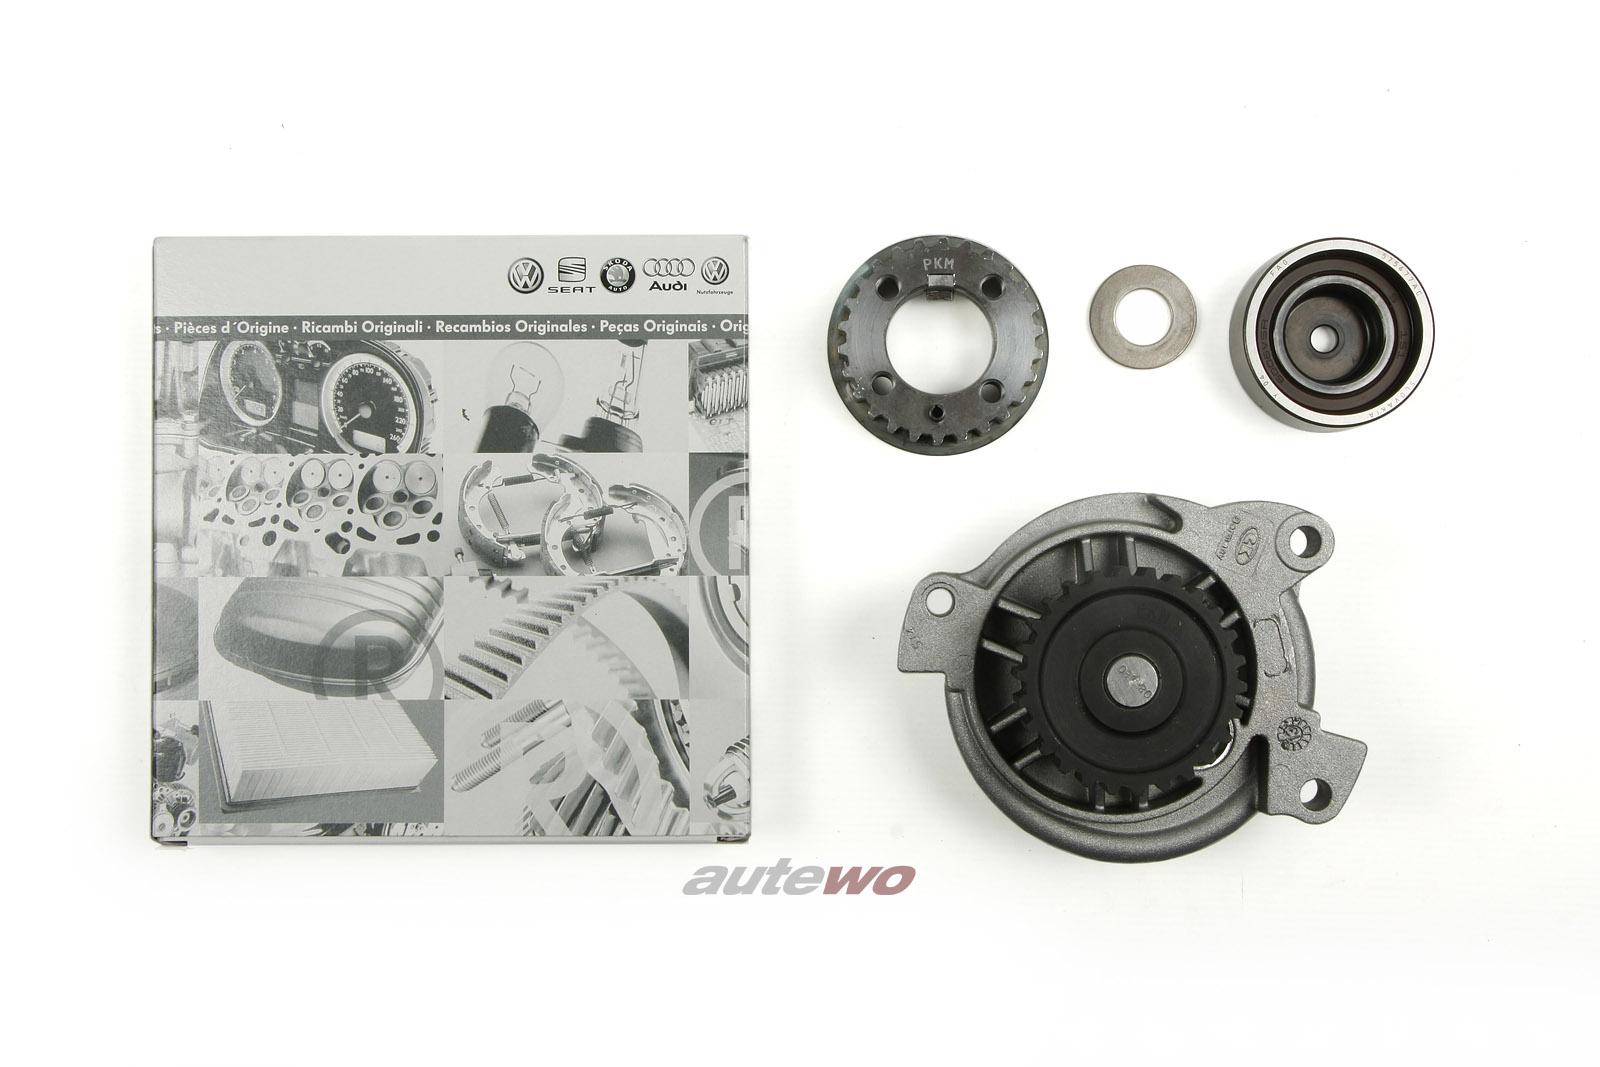 Audi RS2 P1 2.2l Zahnriemen-Kit Umlenkrolle Wasserpumpe verstärkt PKM